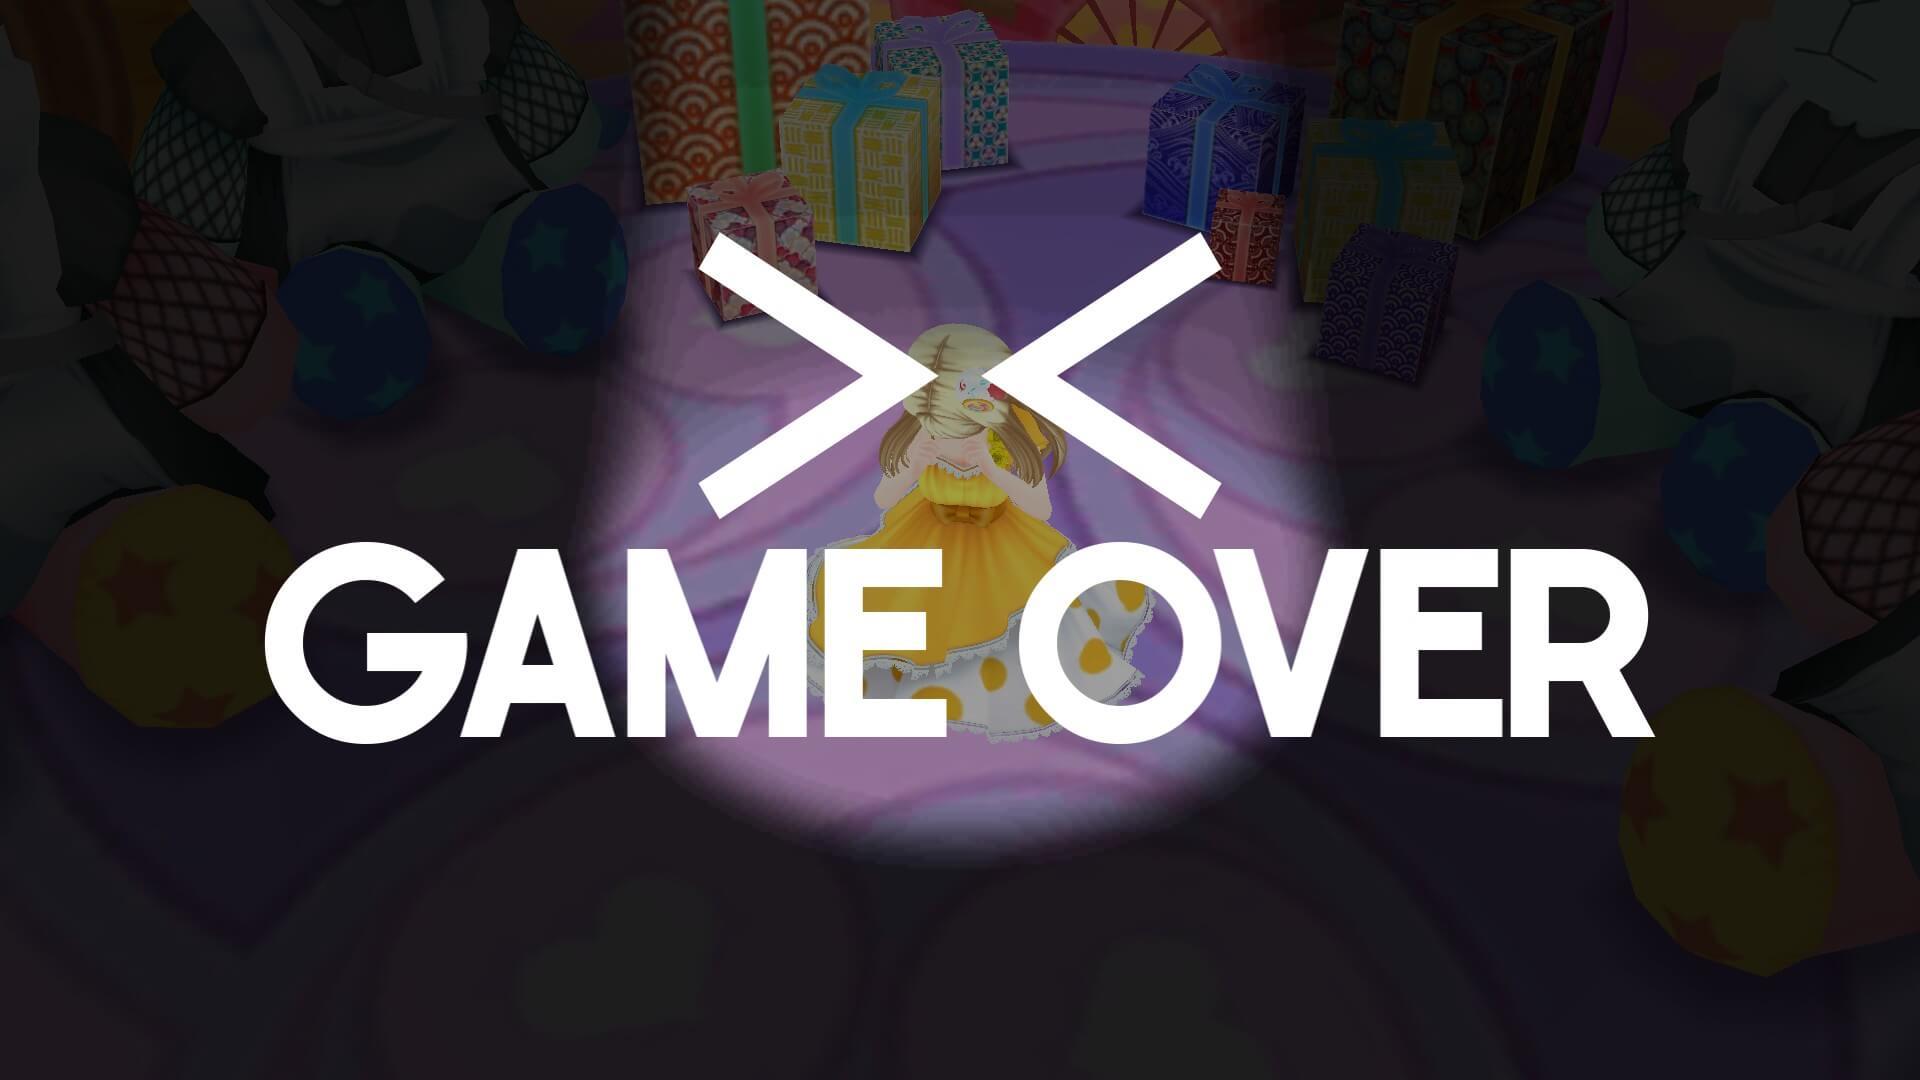 ゲームオーバーした時の画面です。